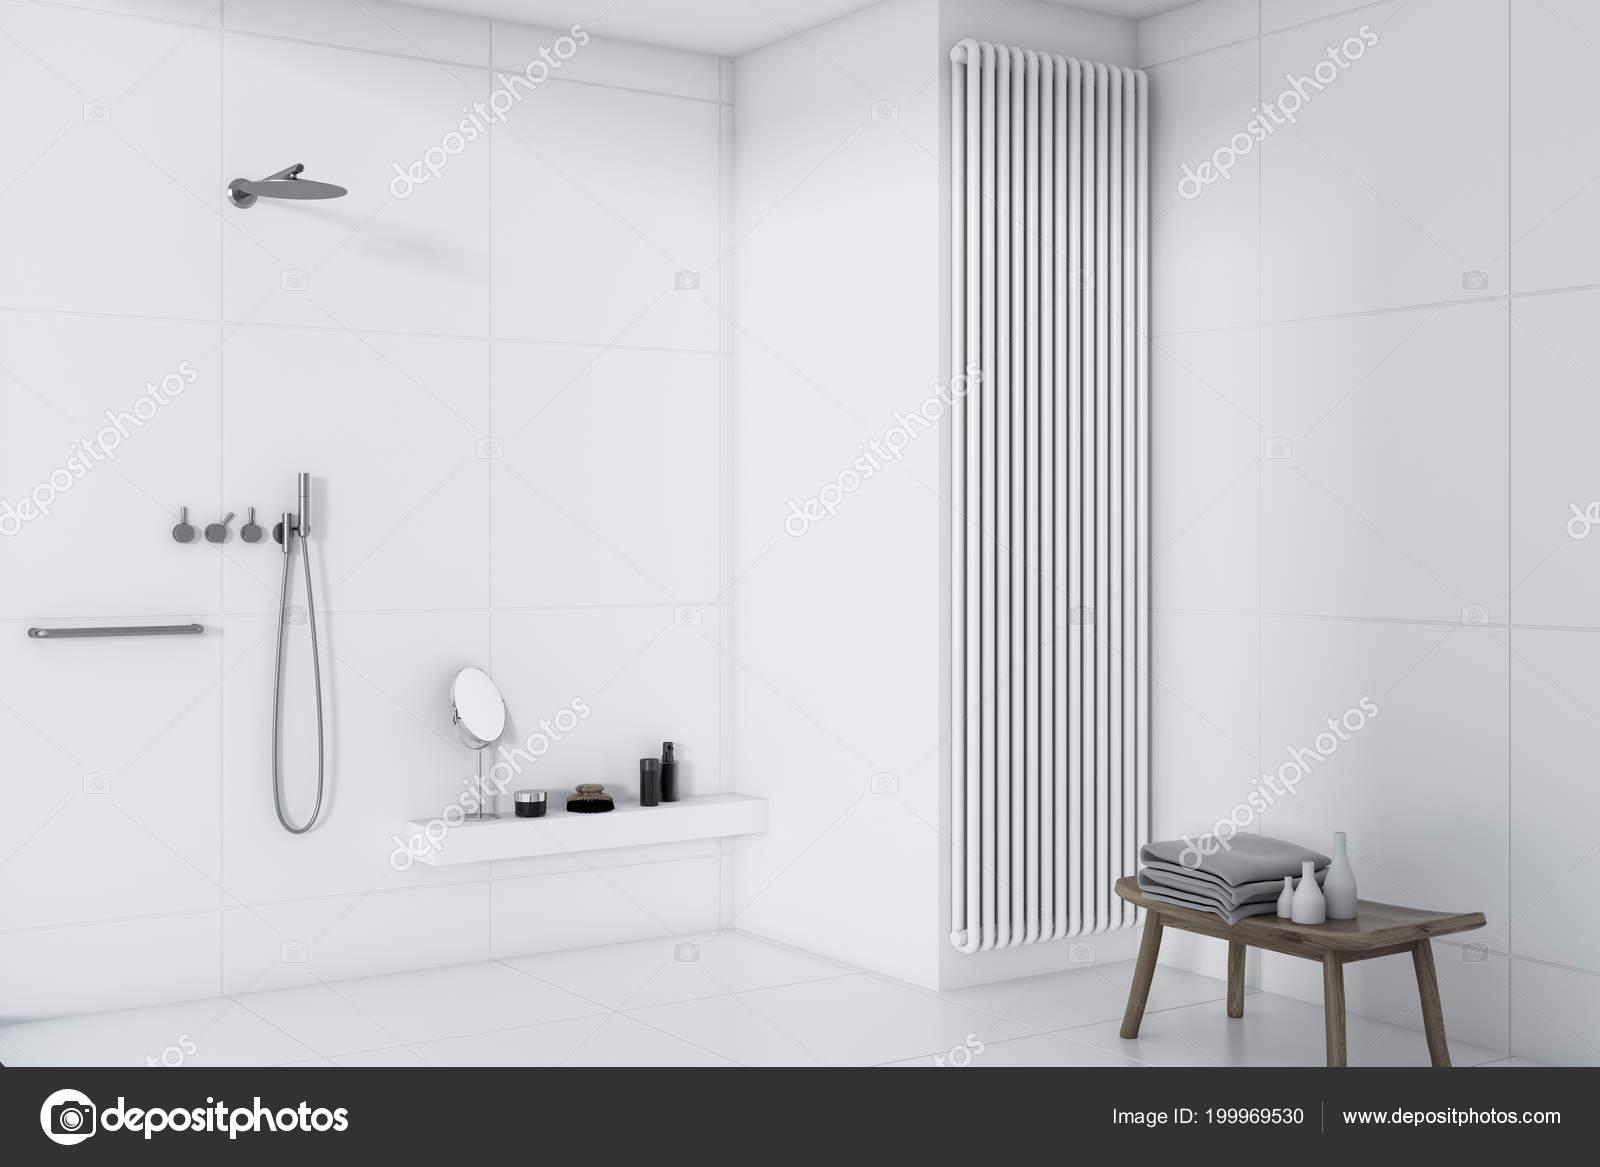 Witte Tegels Badkamer : Witte tegels badkamer interieur met een witte tegelvloer een